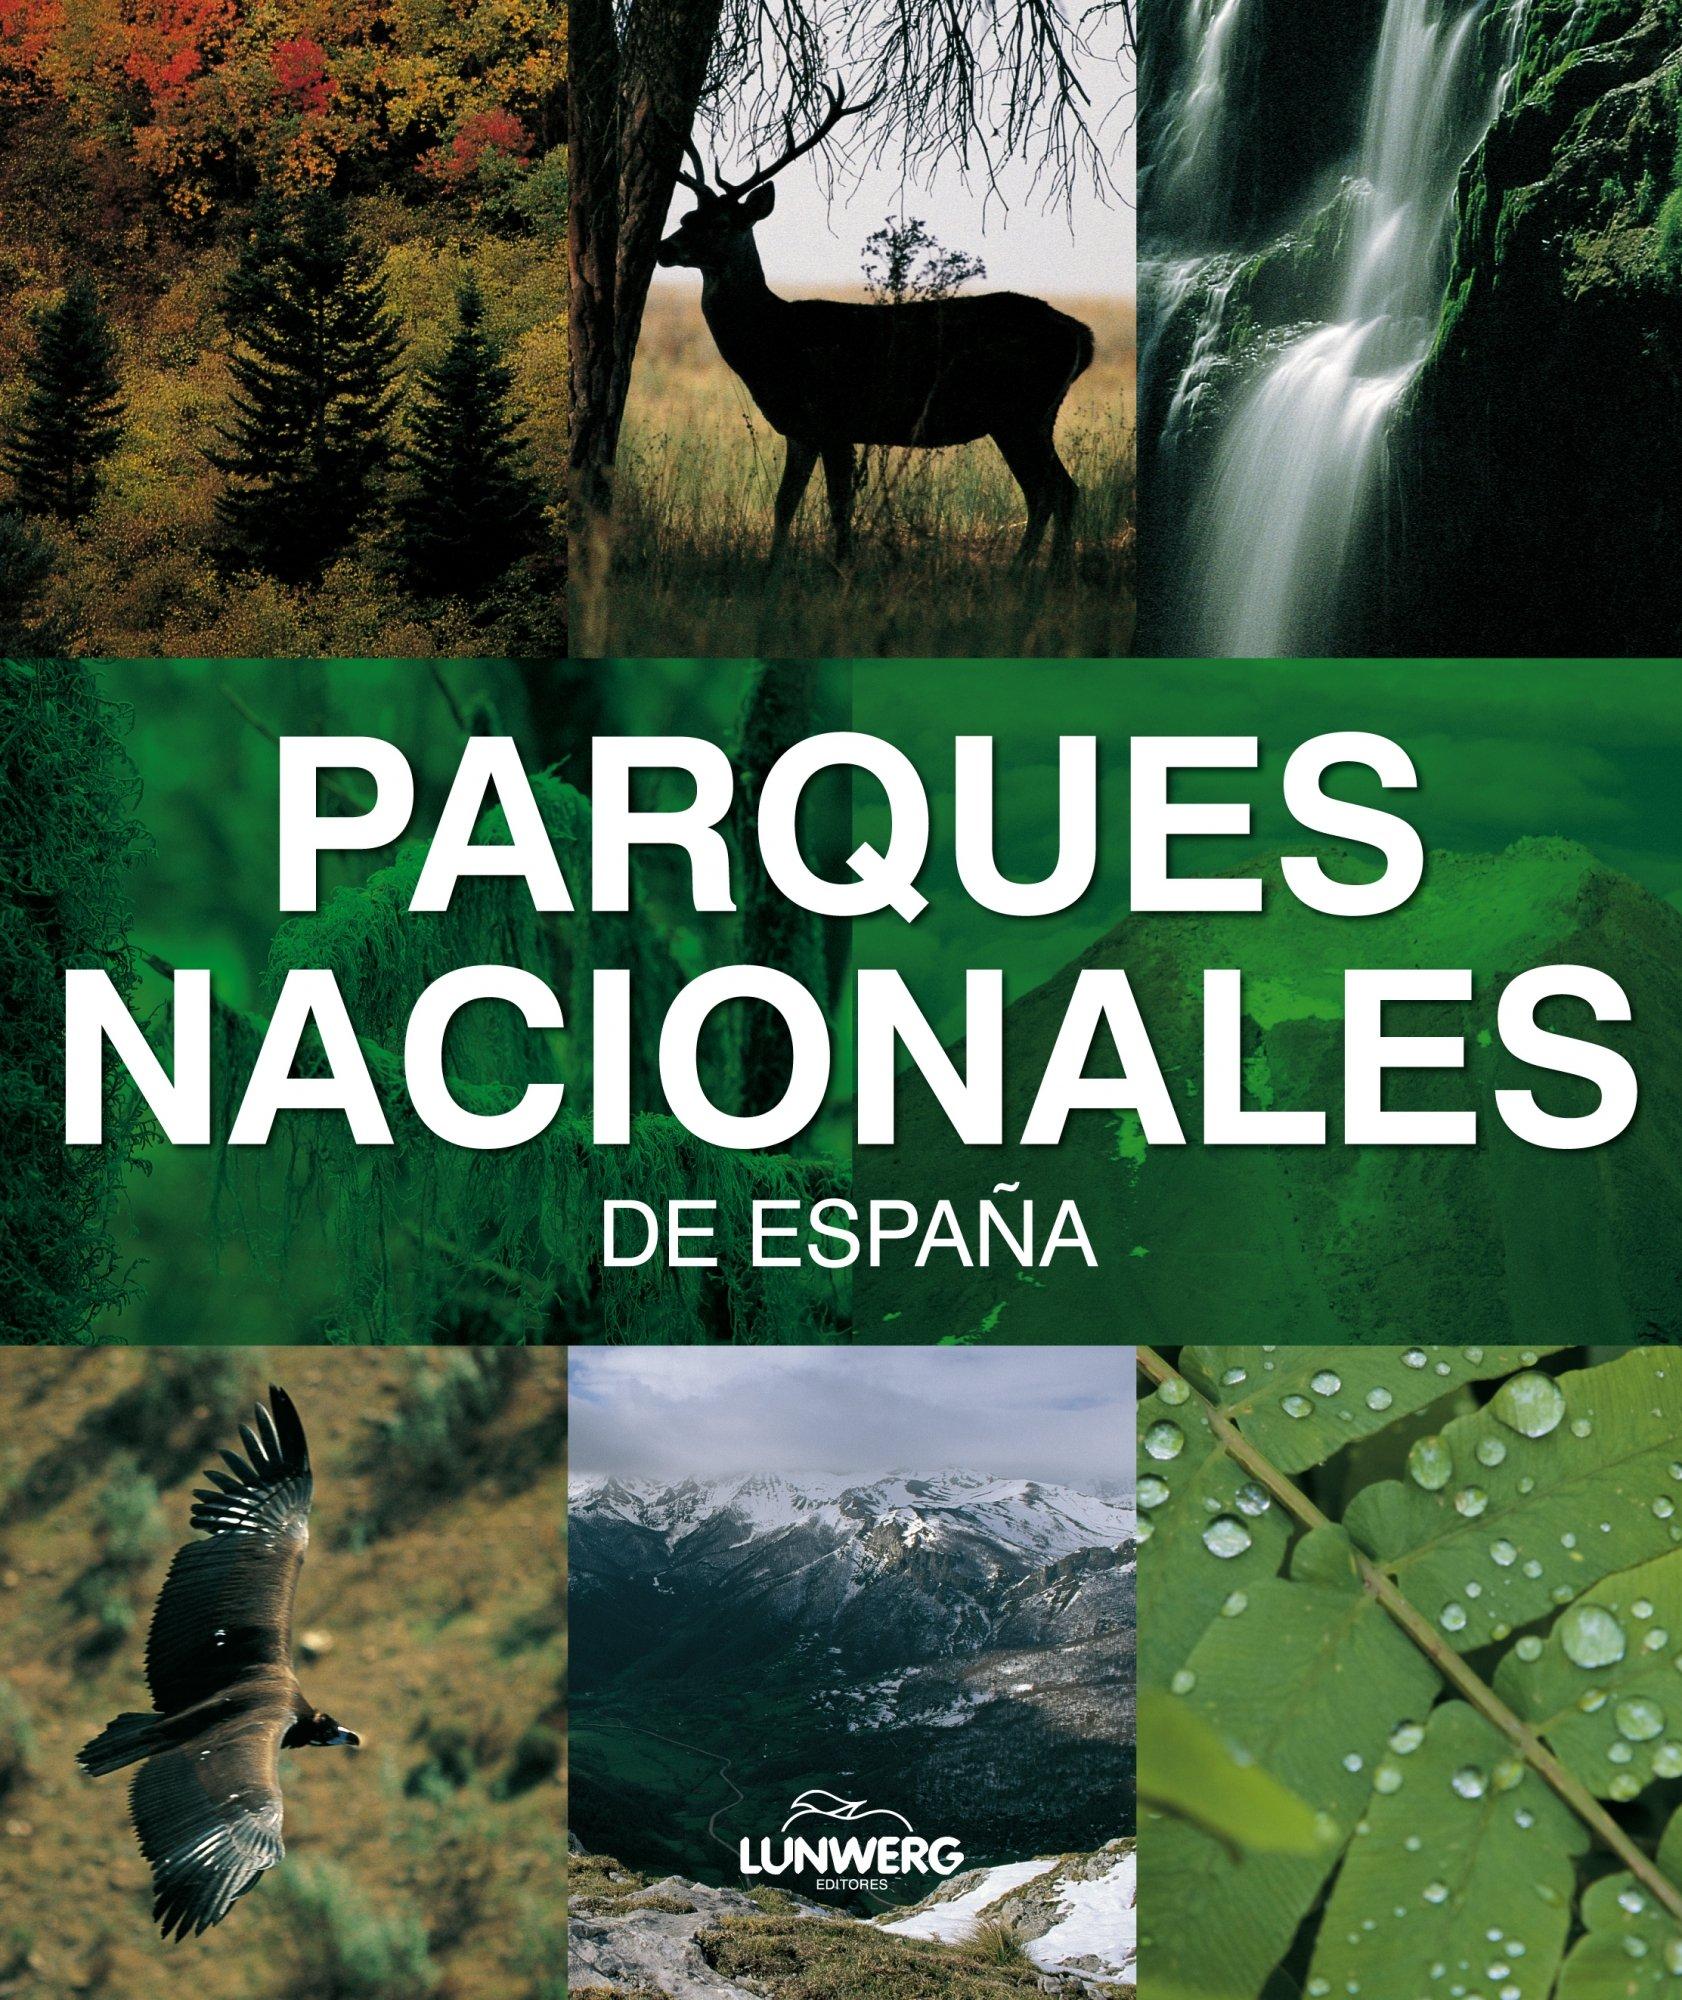 Parques nacionales de España. Lunwerg Medium: Amazon.es: Artistas varios: Libros